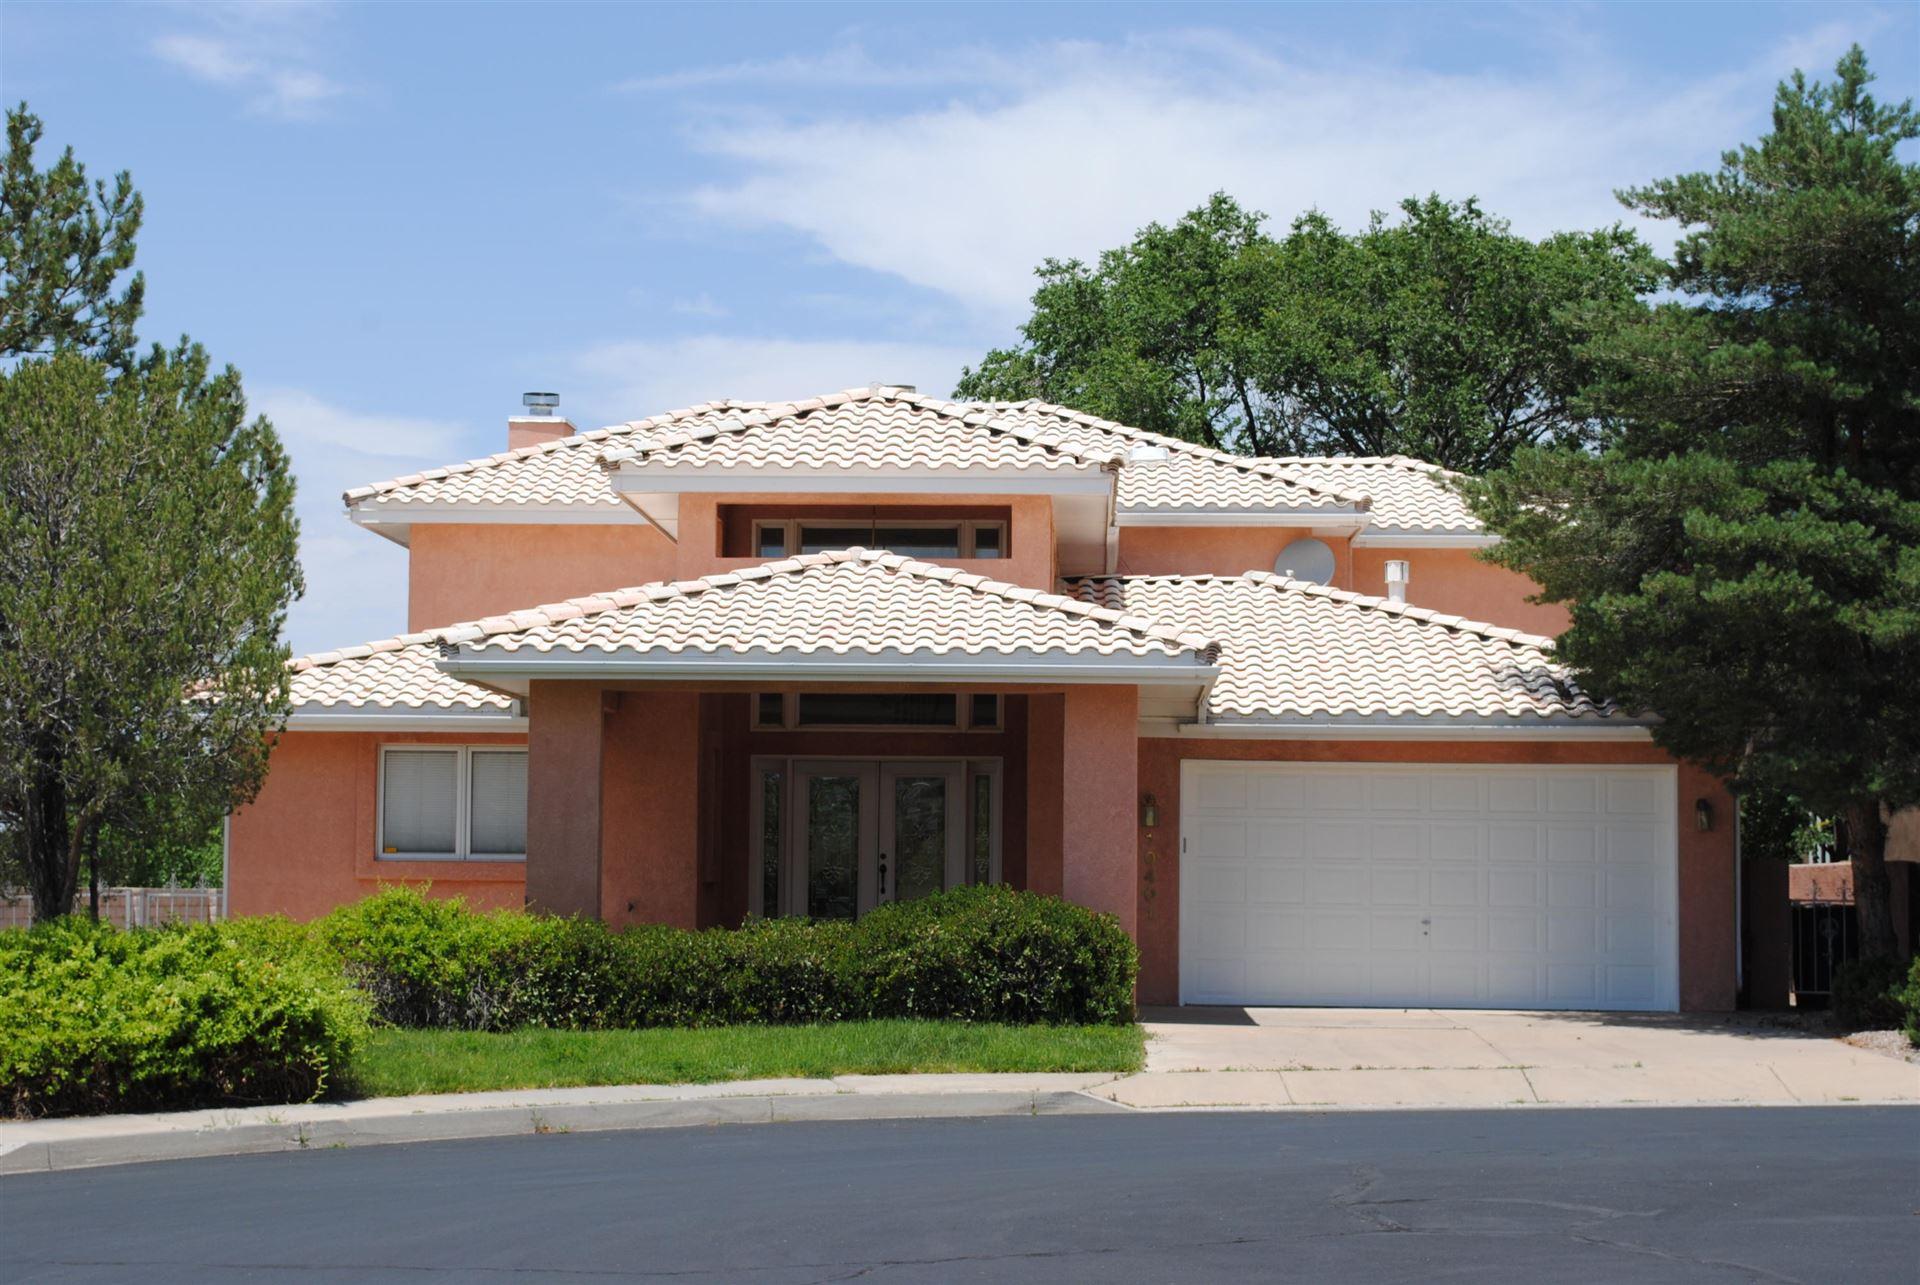 10401 PRESTWICK NE, Albuquerque, NM 87111 - MLS#: 985425